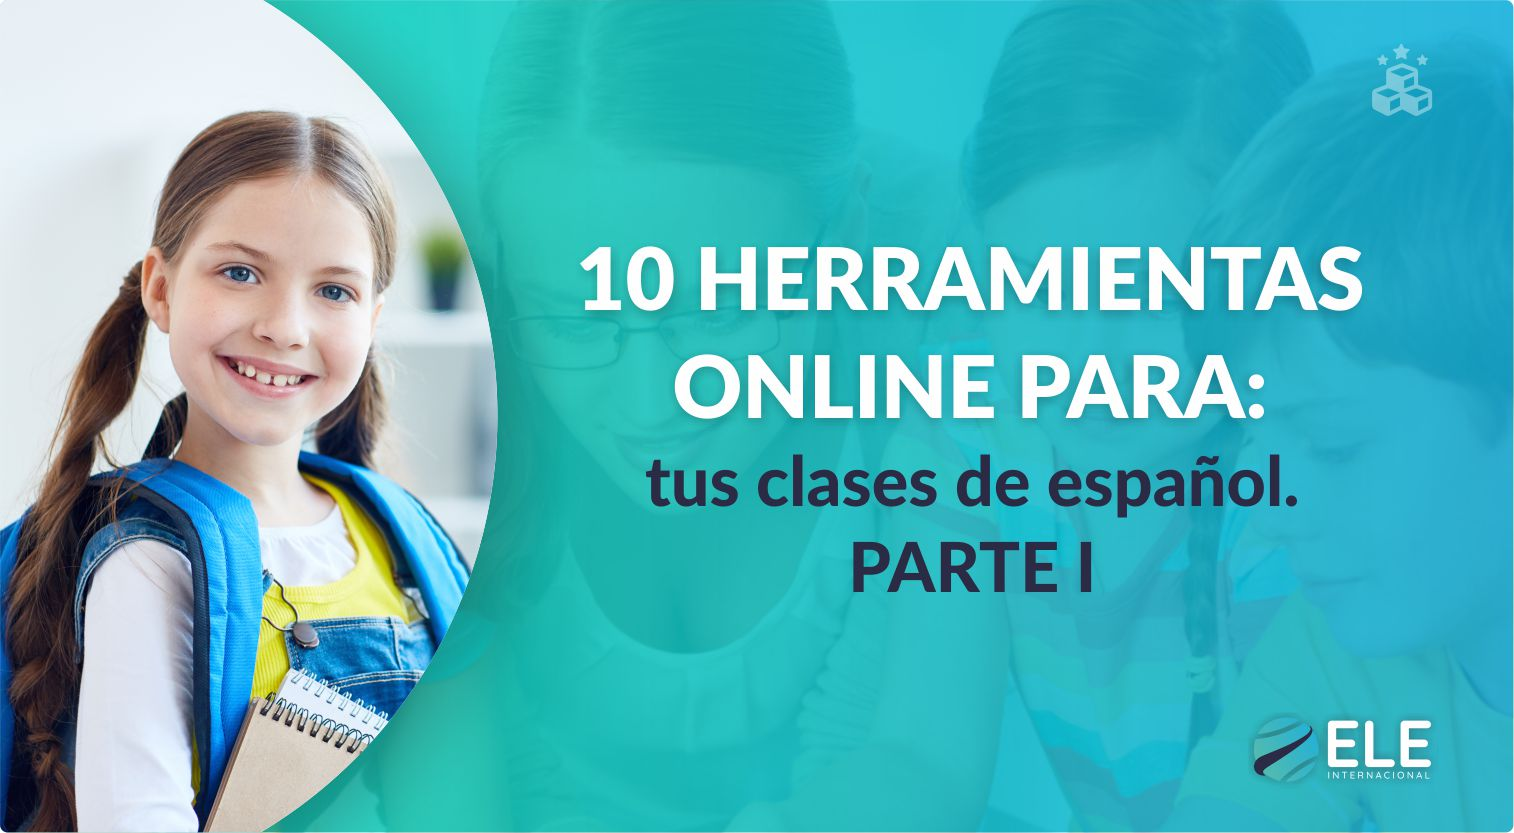 Herramientas online para tus clases de español